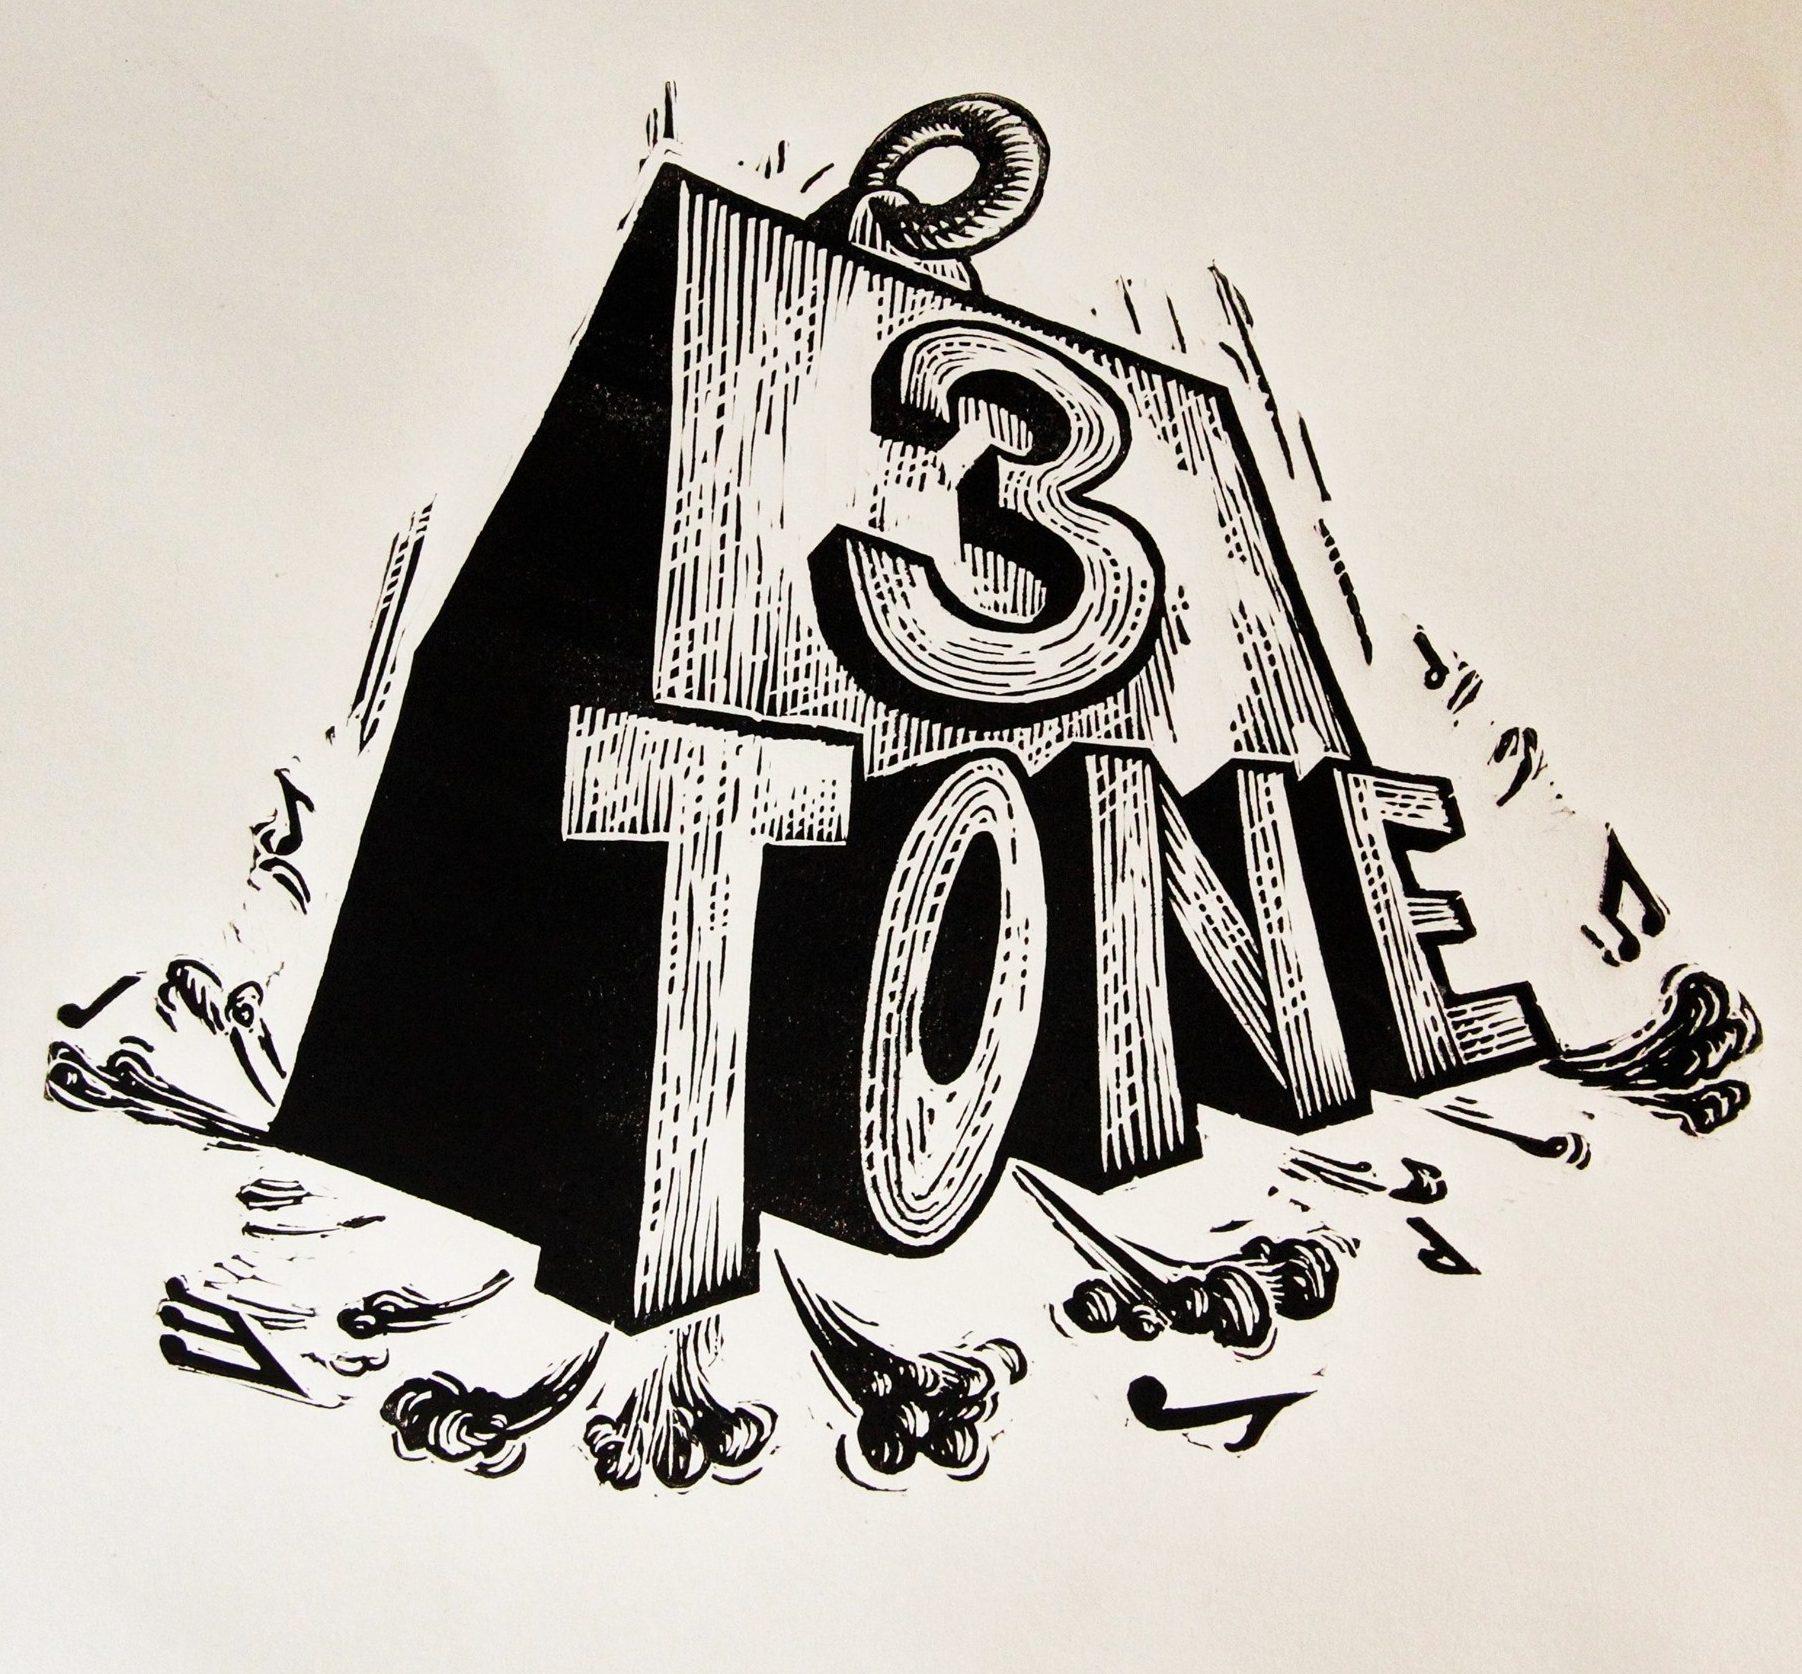 3TONE